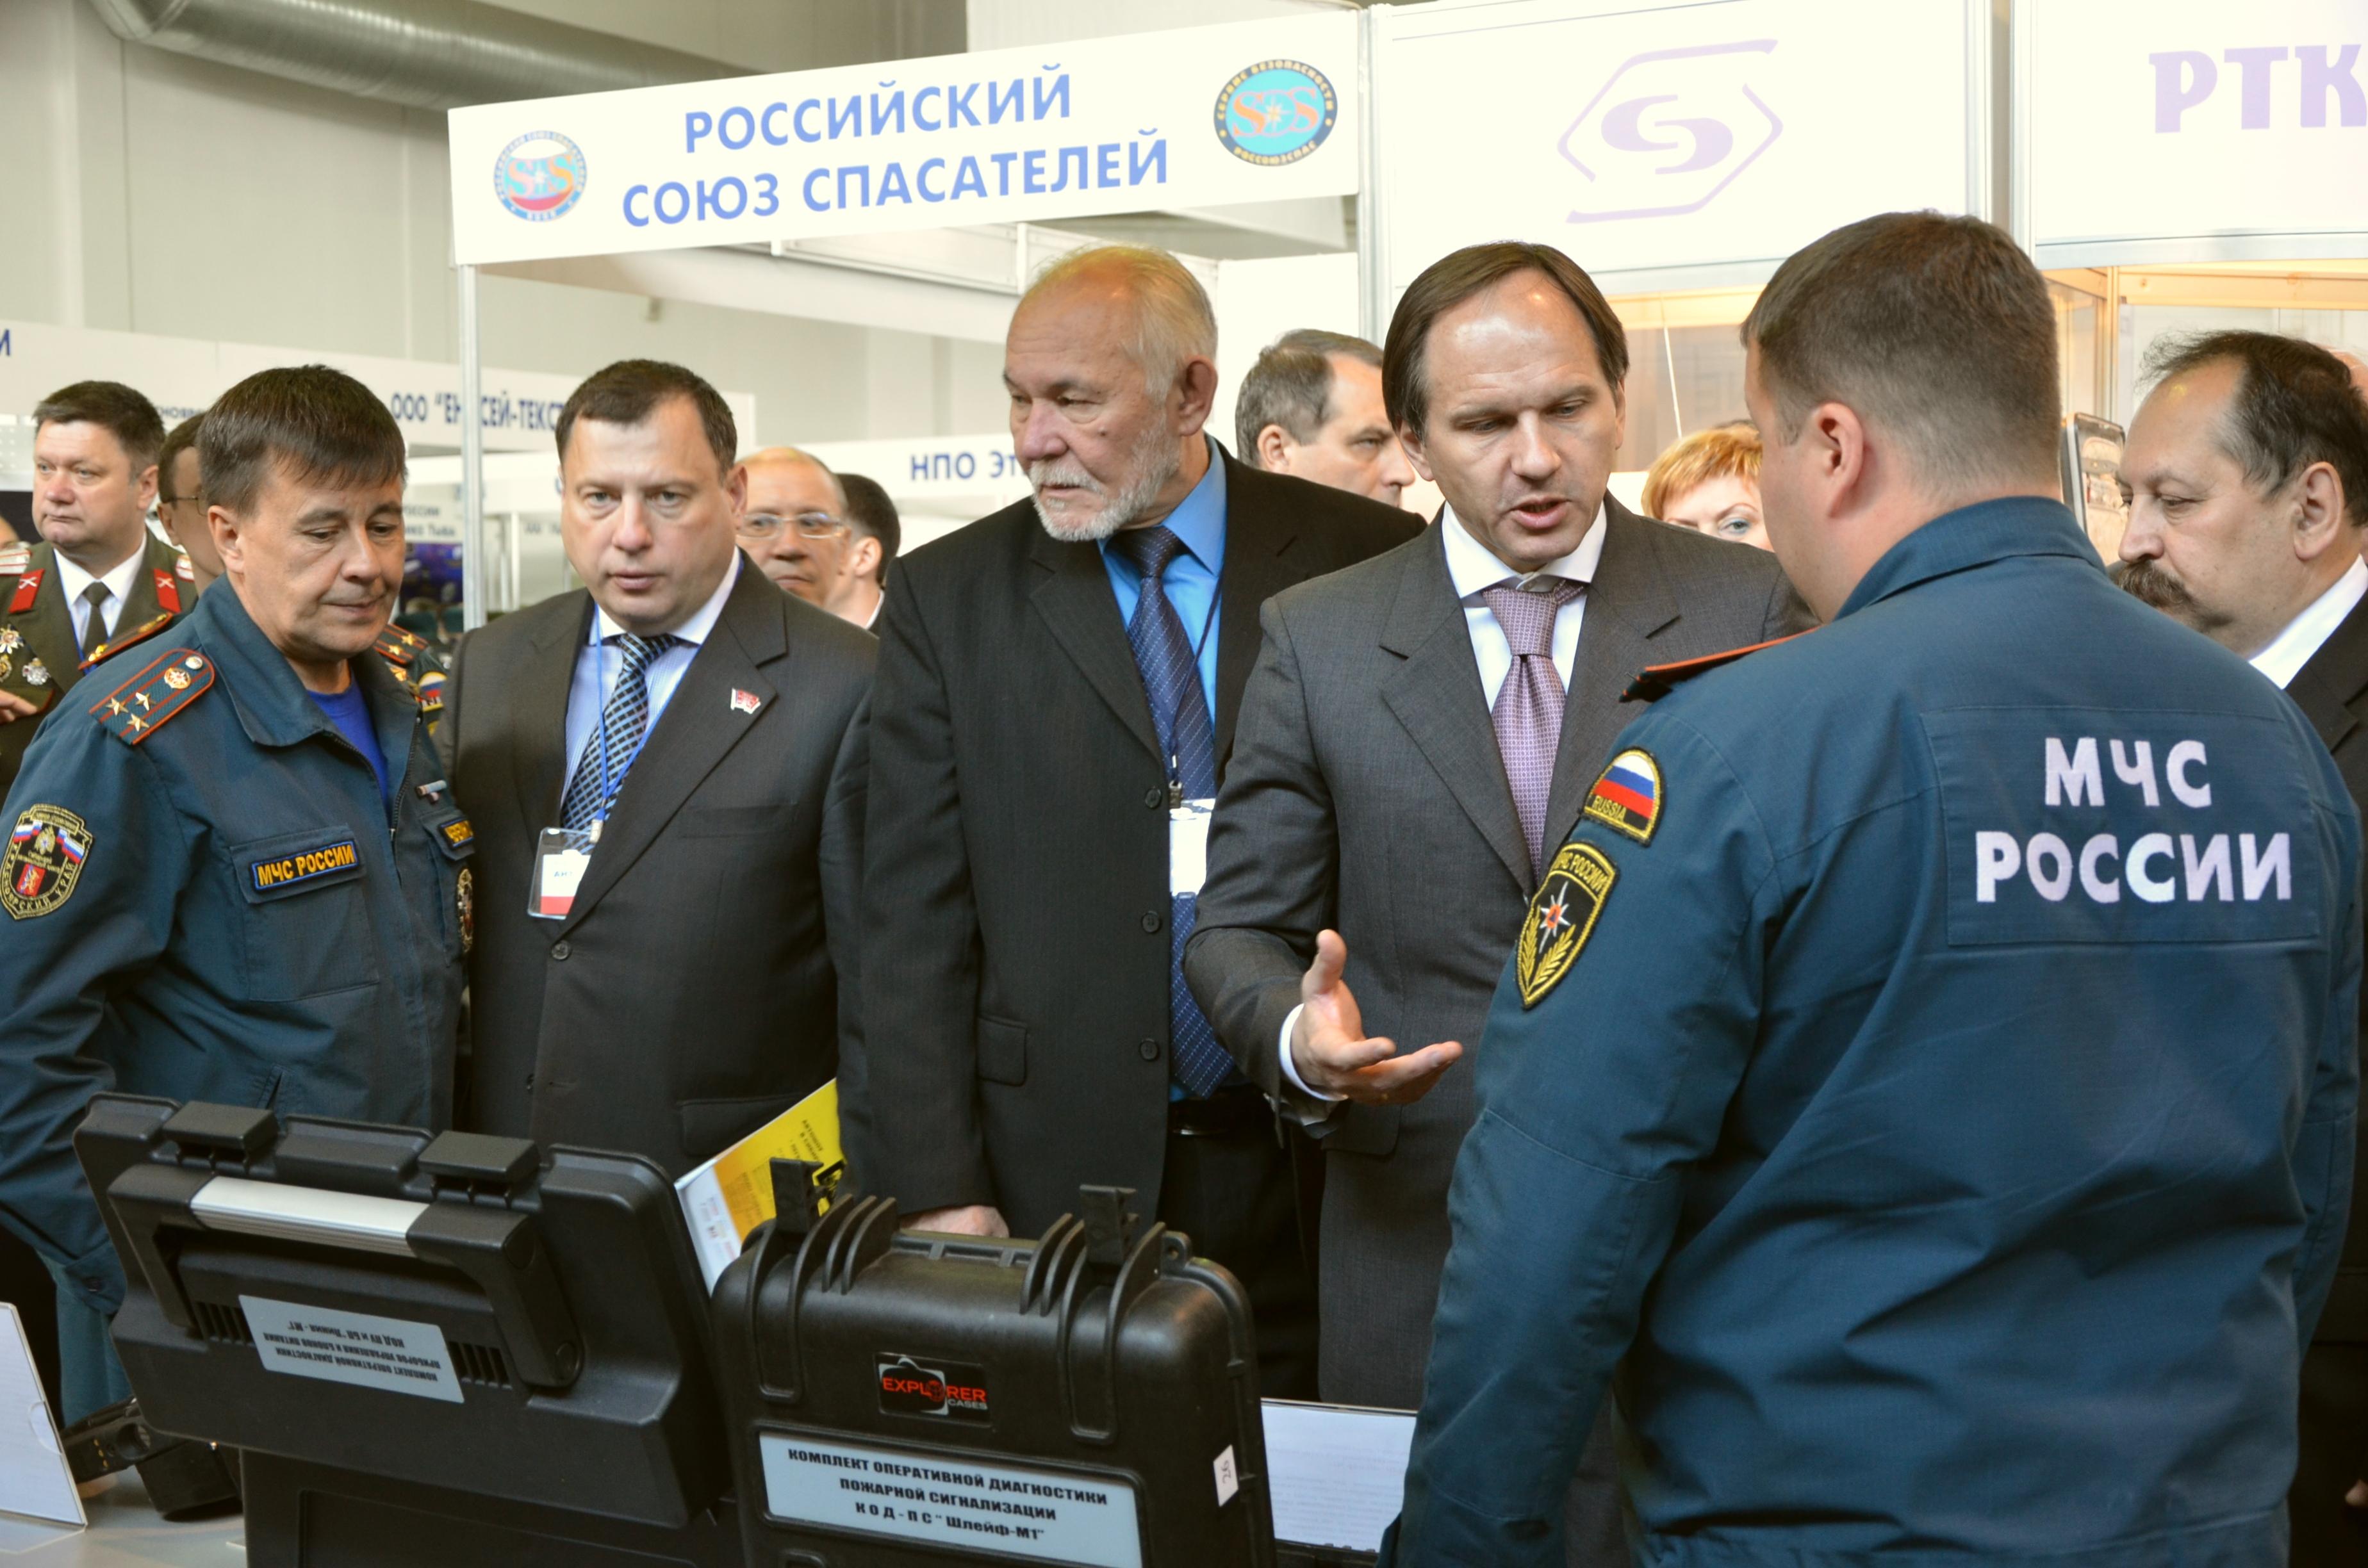 Фото - XI специализированный форум Современные системы безопасности - Антитеррор